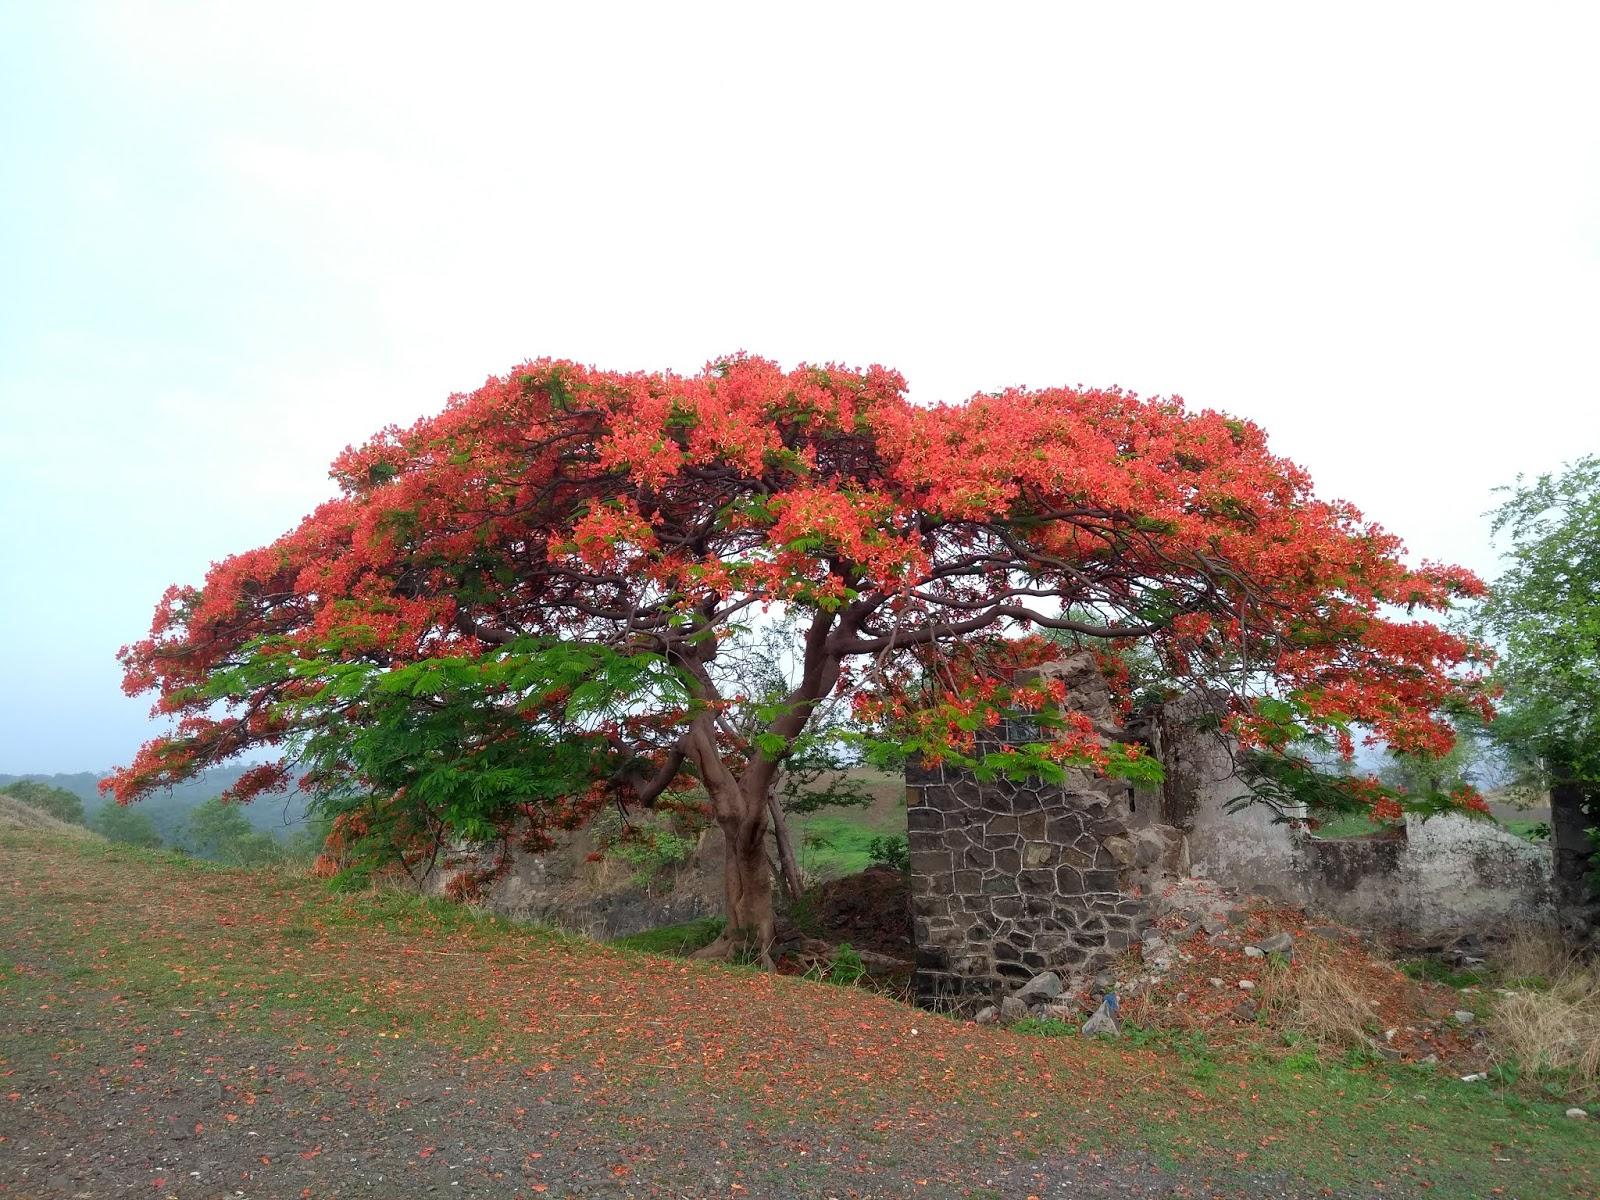 Mayflower, summer, Pune, trees